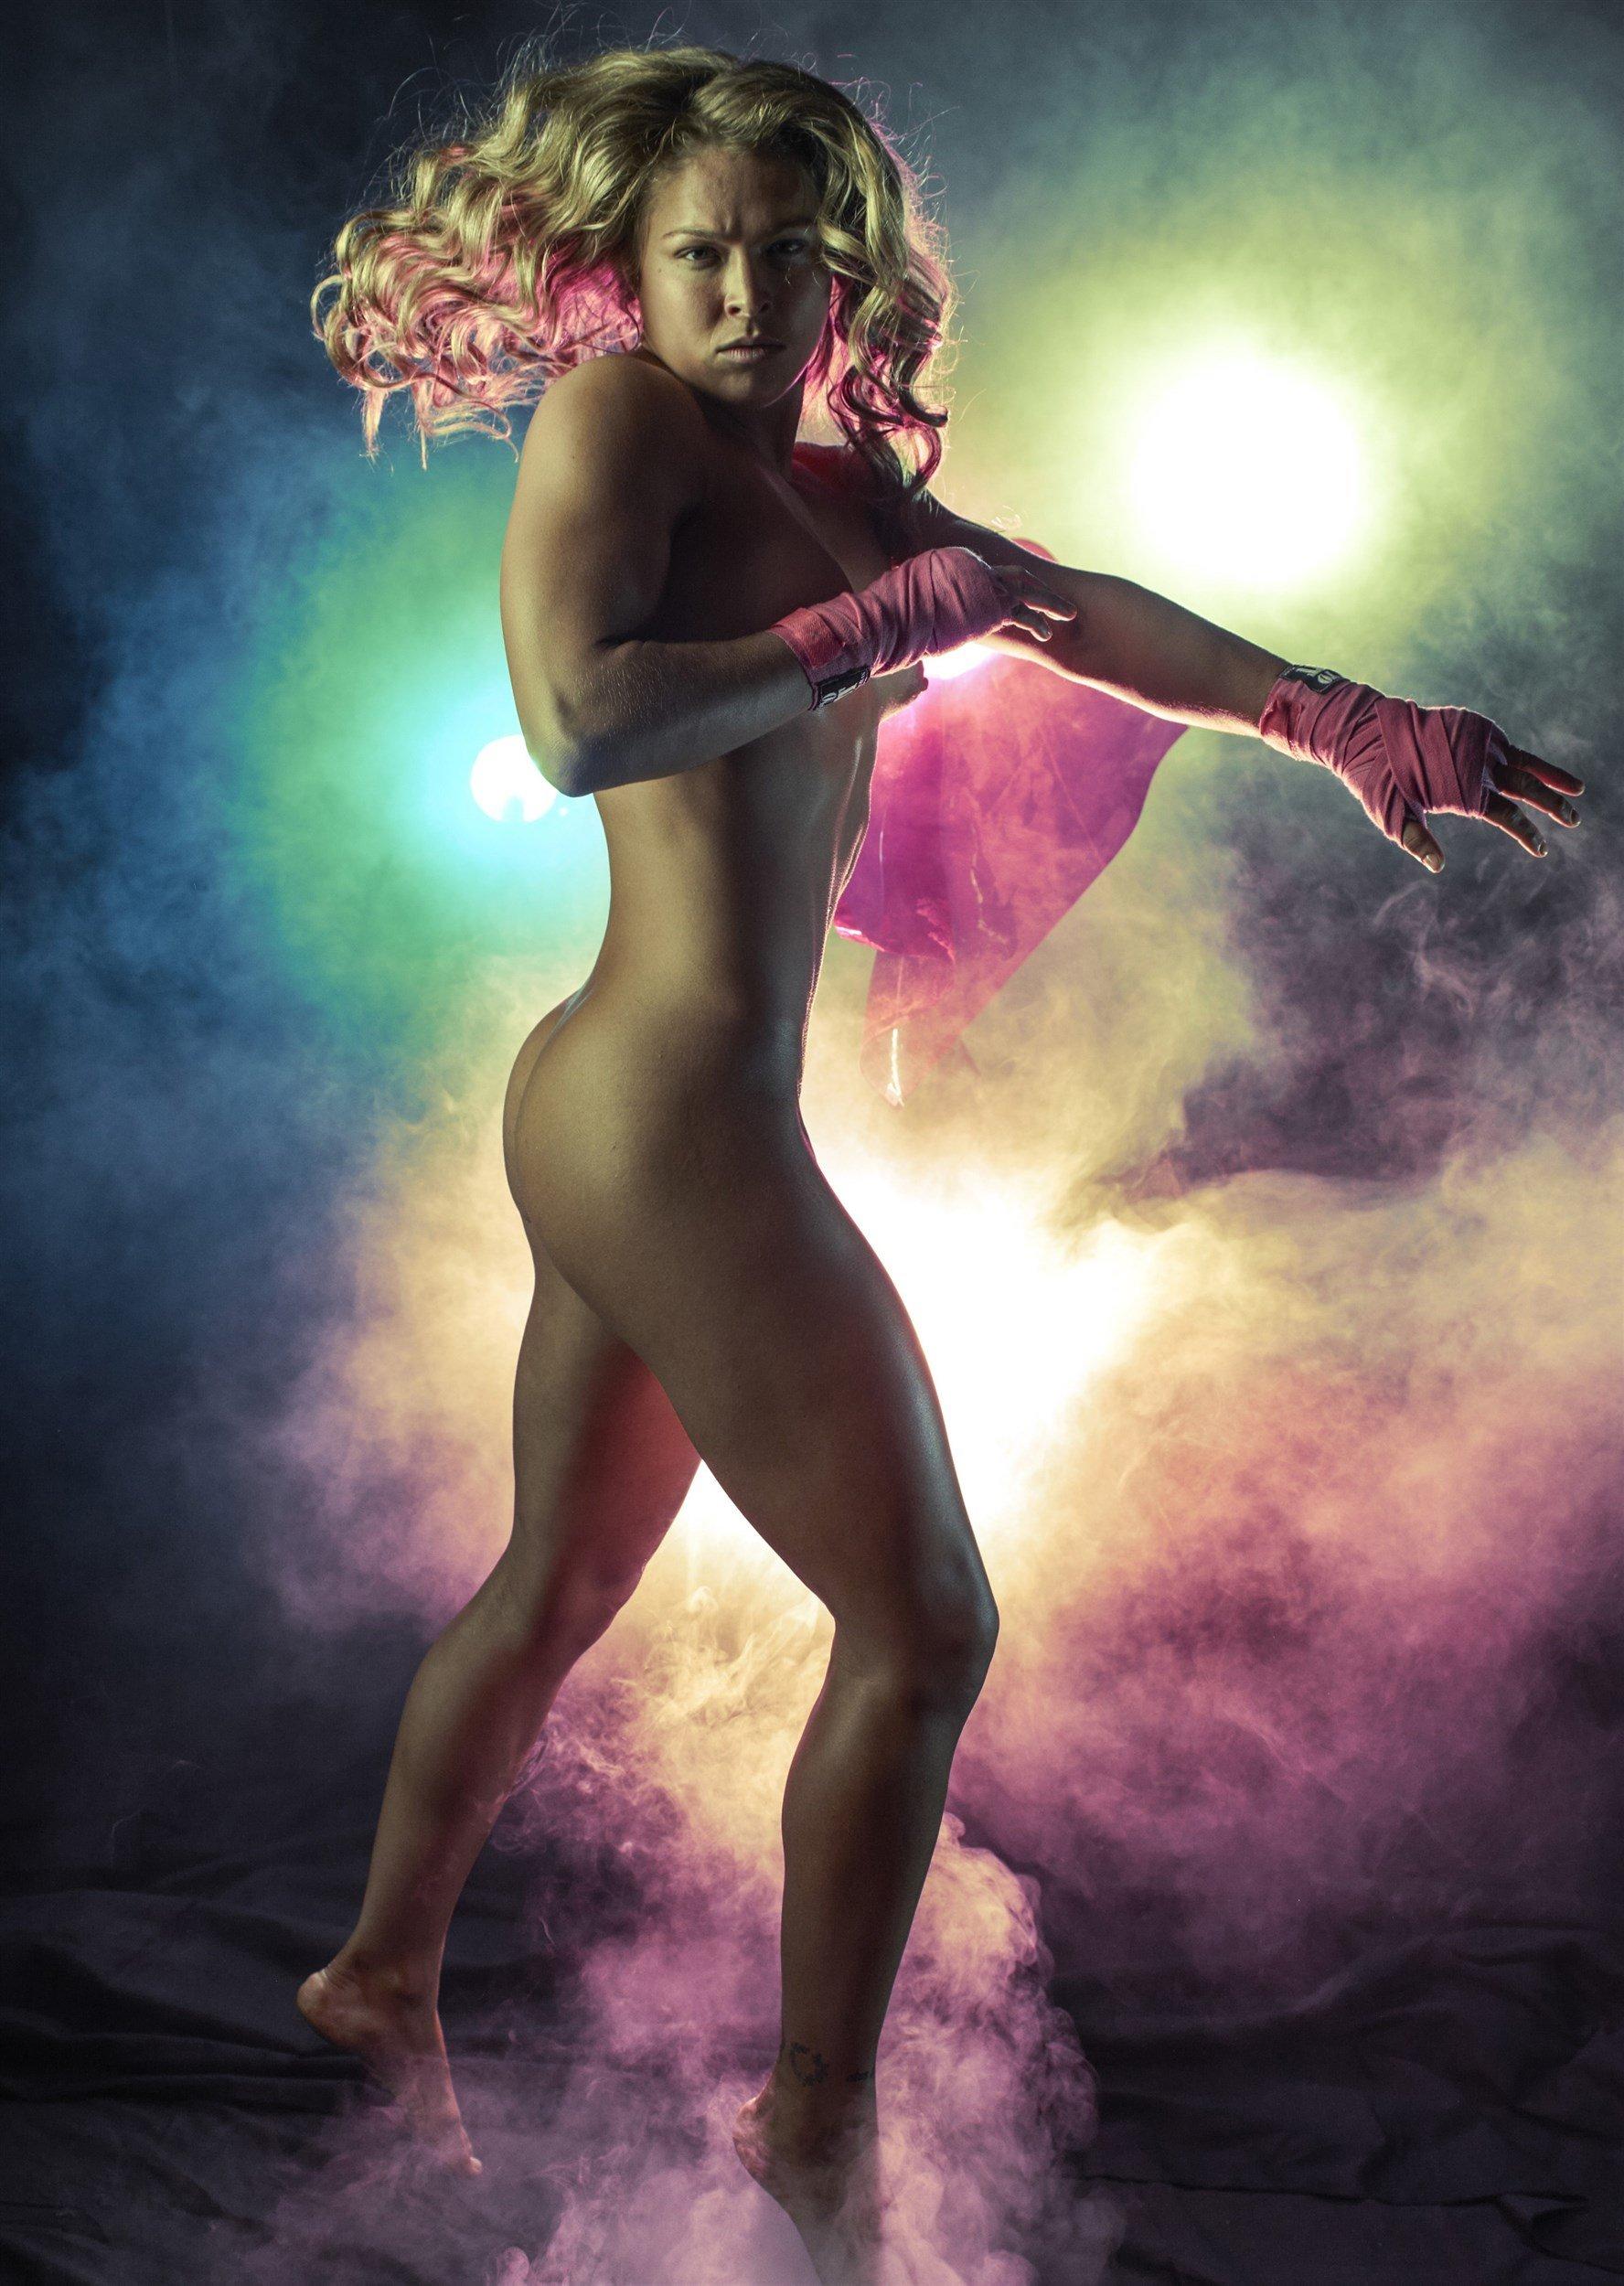 Sexy Ronda Rousey Nude Pics Free Pics